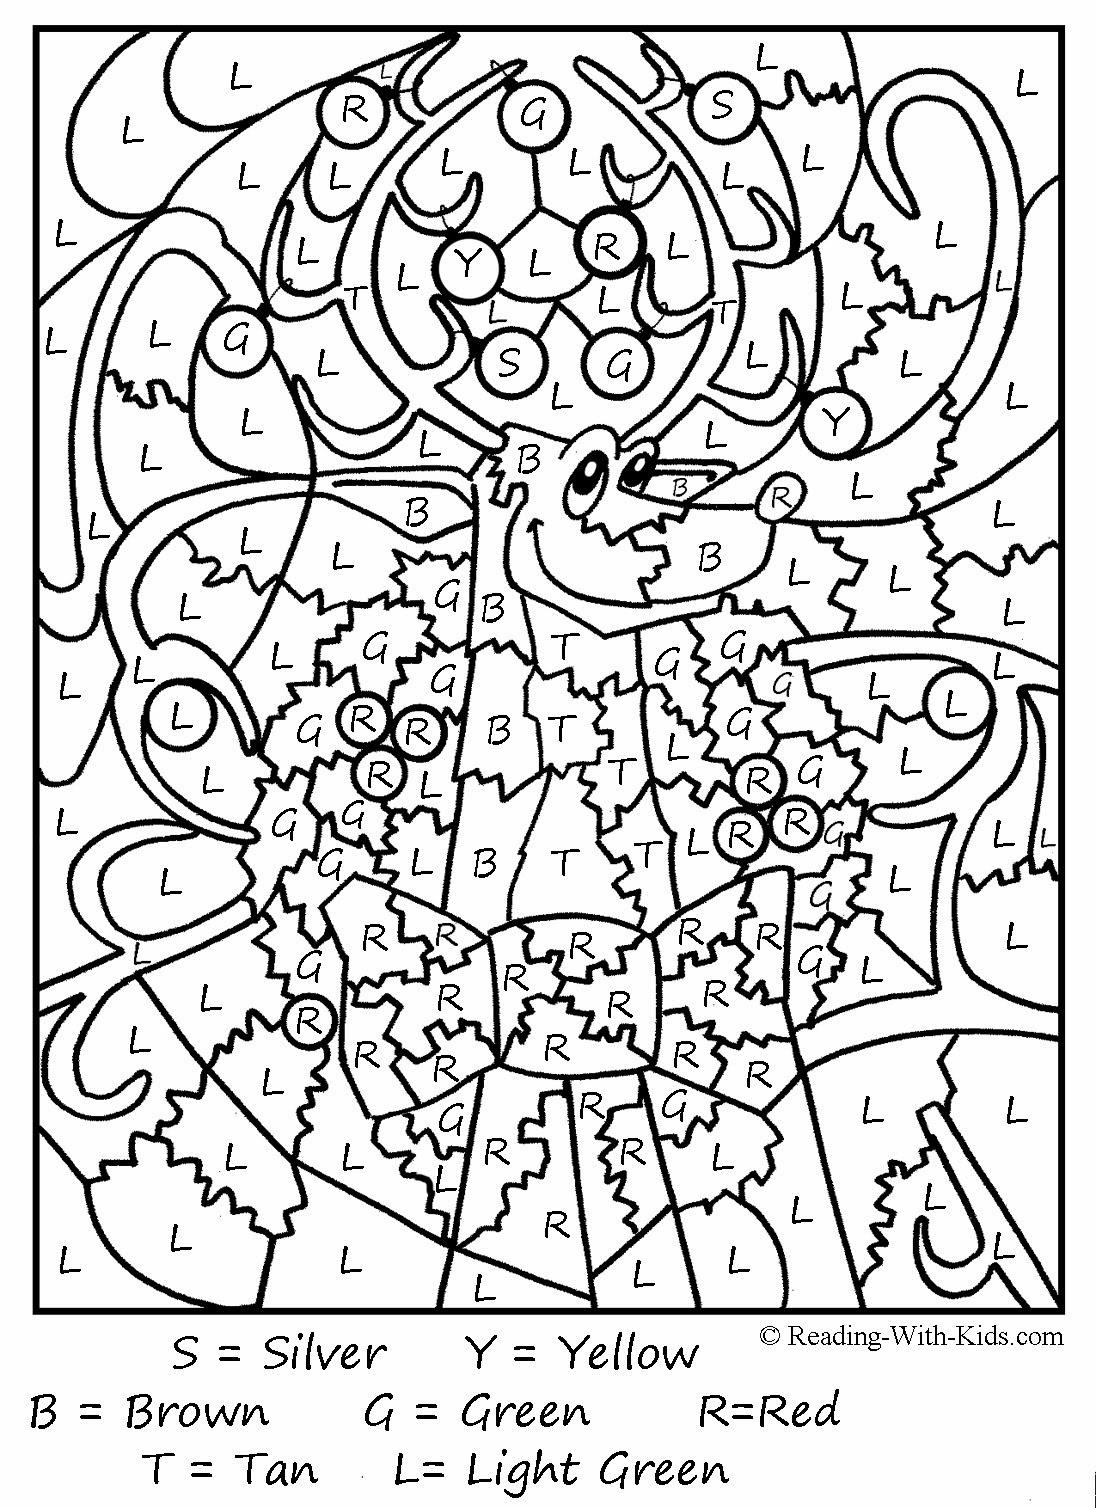 Dessins Gratuits À Colorier - Coloriage Magique Cp À Imprimer avec Coloriage Magique Cp À Imprimer